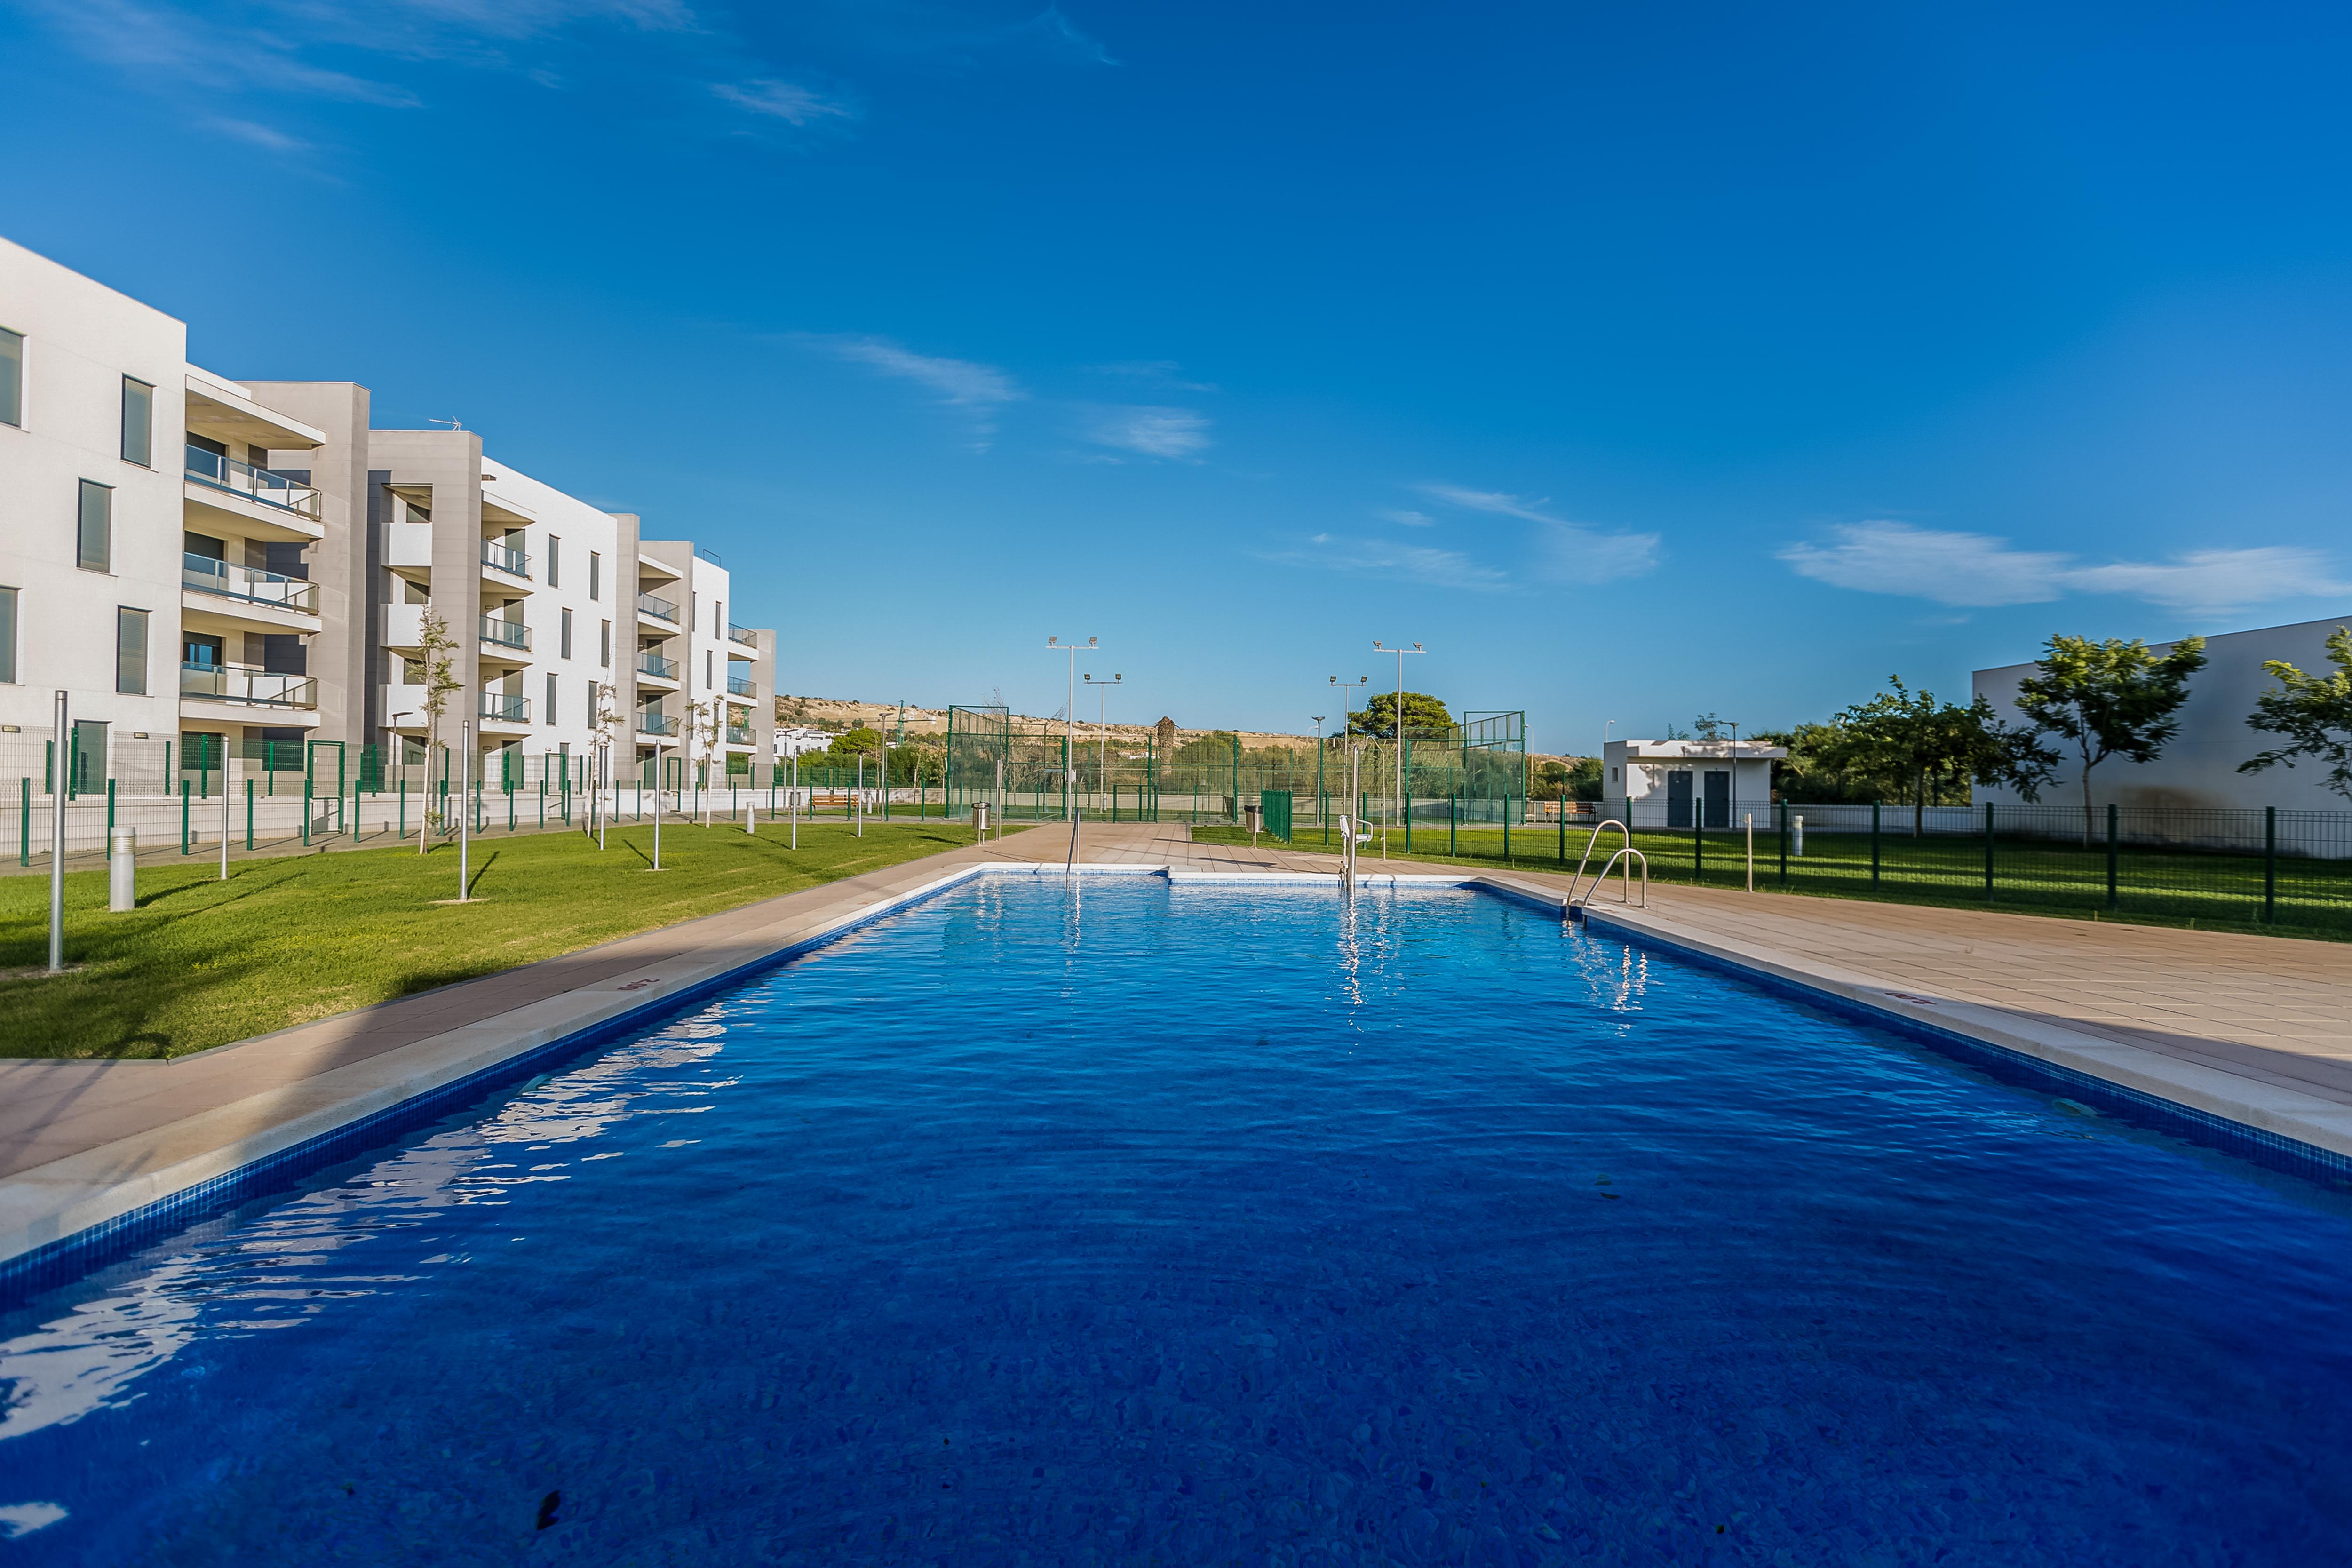 Piso en venta en Piso en El Ejido, Almería, 144.000 €, 2 habitaciones, 1 baño, 81 m2, Garaje